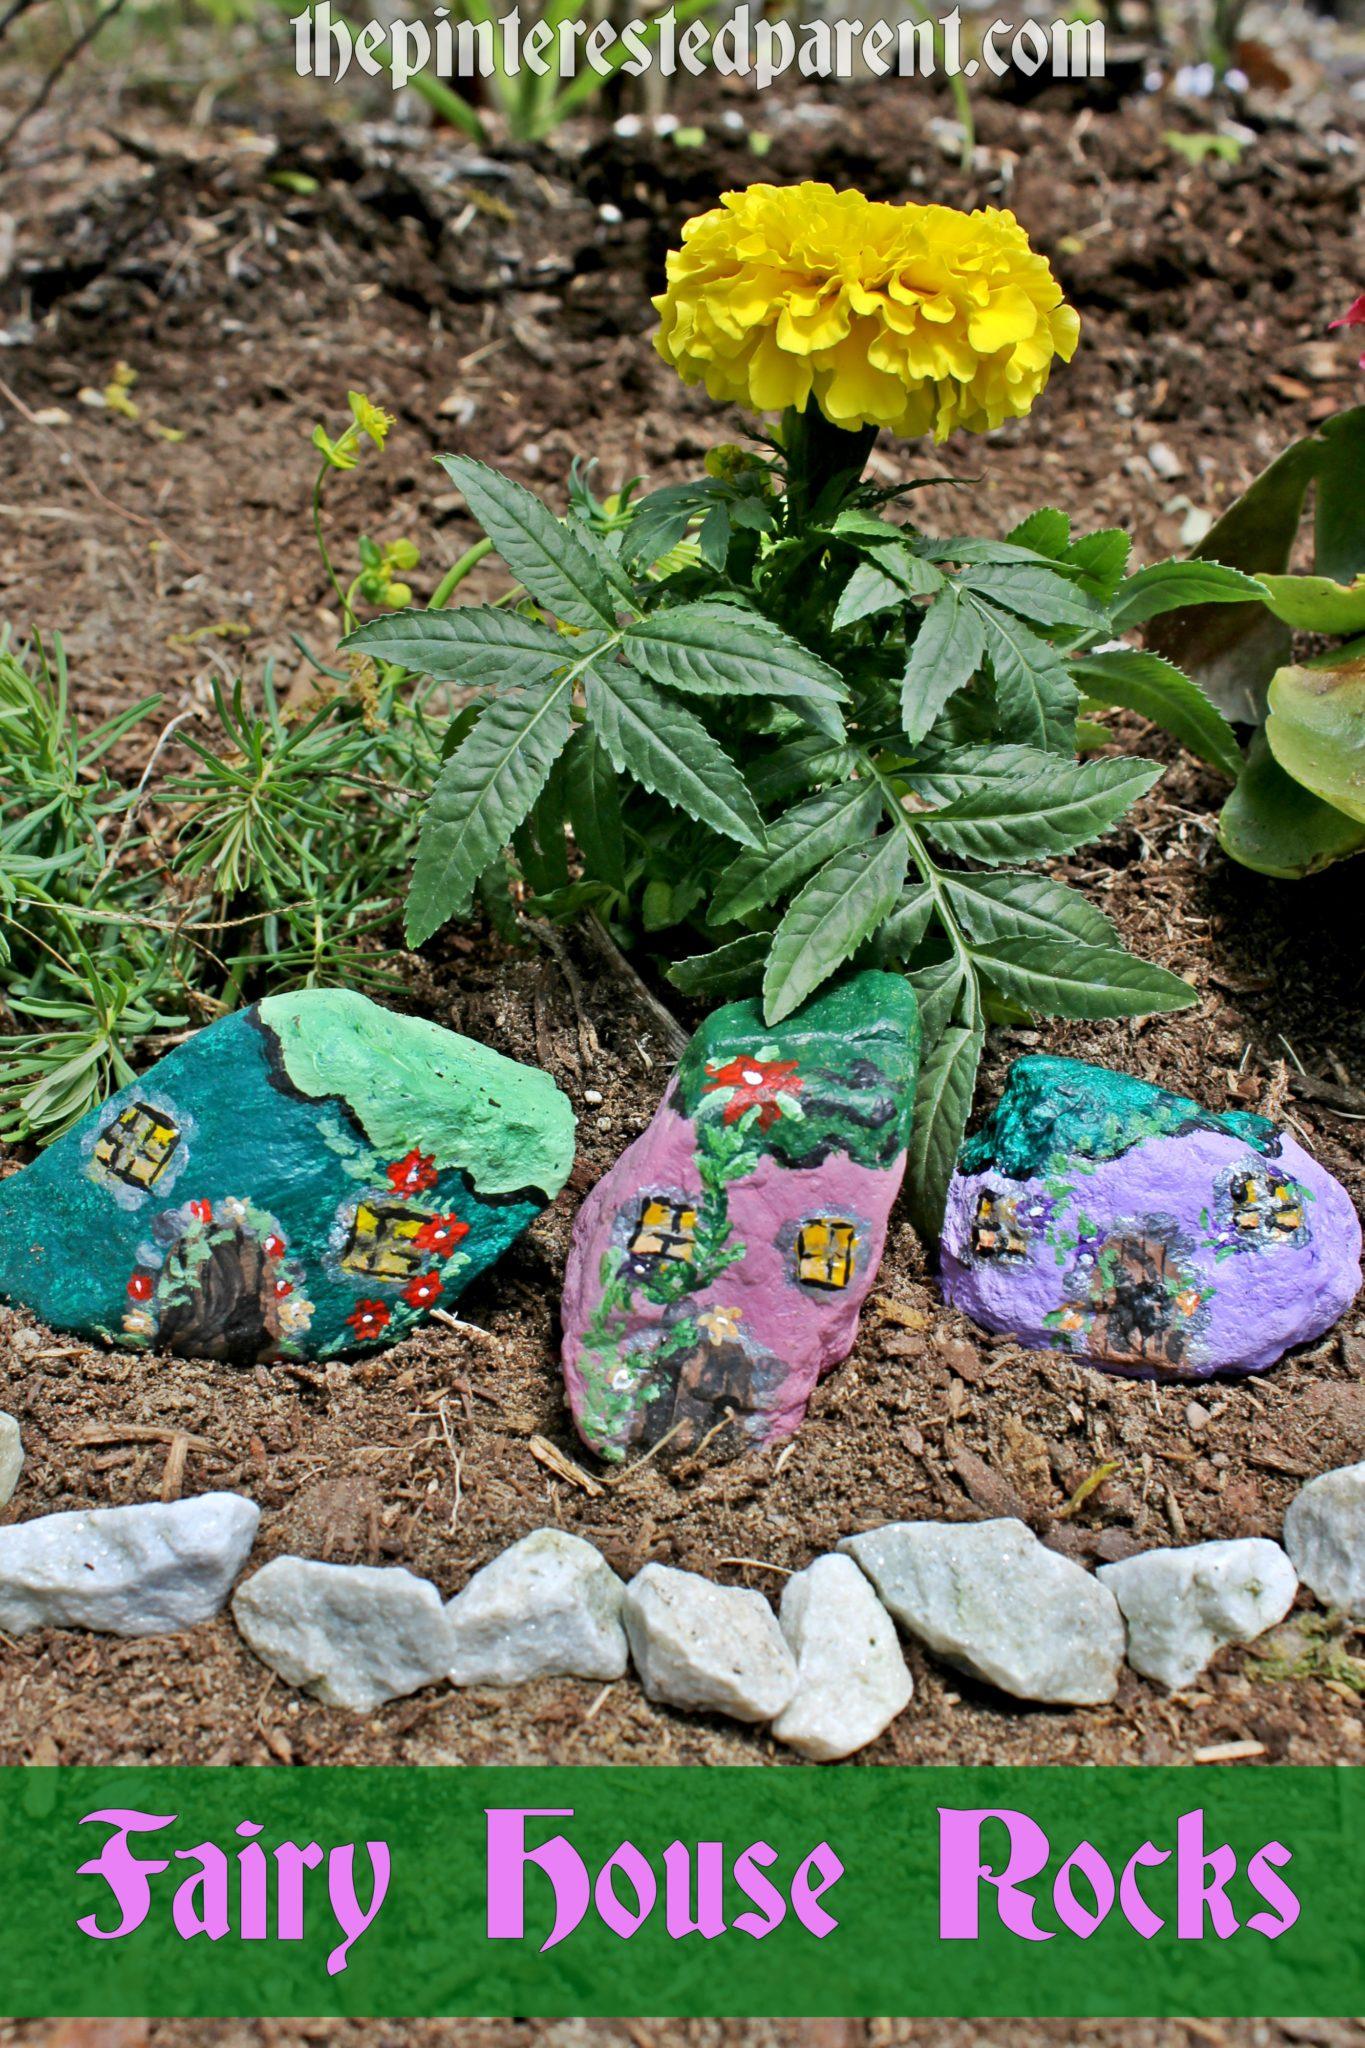 Startling A Fairygarden Painted Fairy Garden Rocks Pinterested Parent Fairy House Garden Tour Fairy House Garden Kits Se Painted Fairy House Rocks Will Be Prefect To Line Edge garden Fairy House Garden